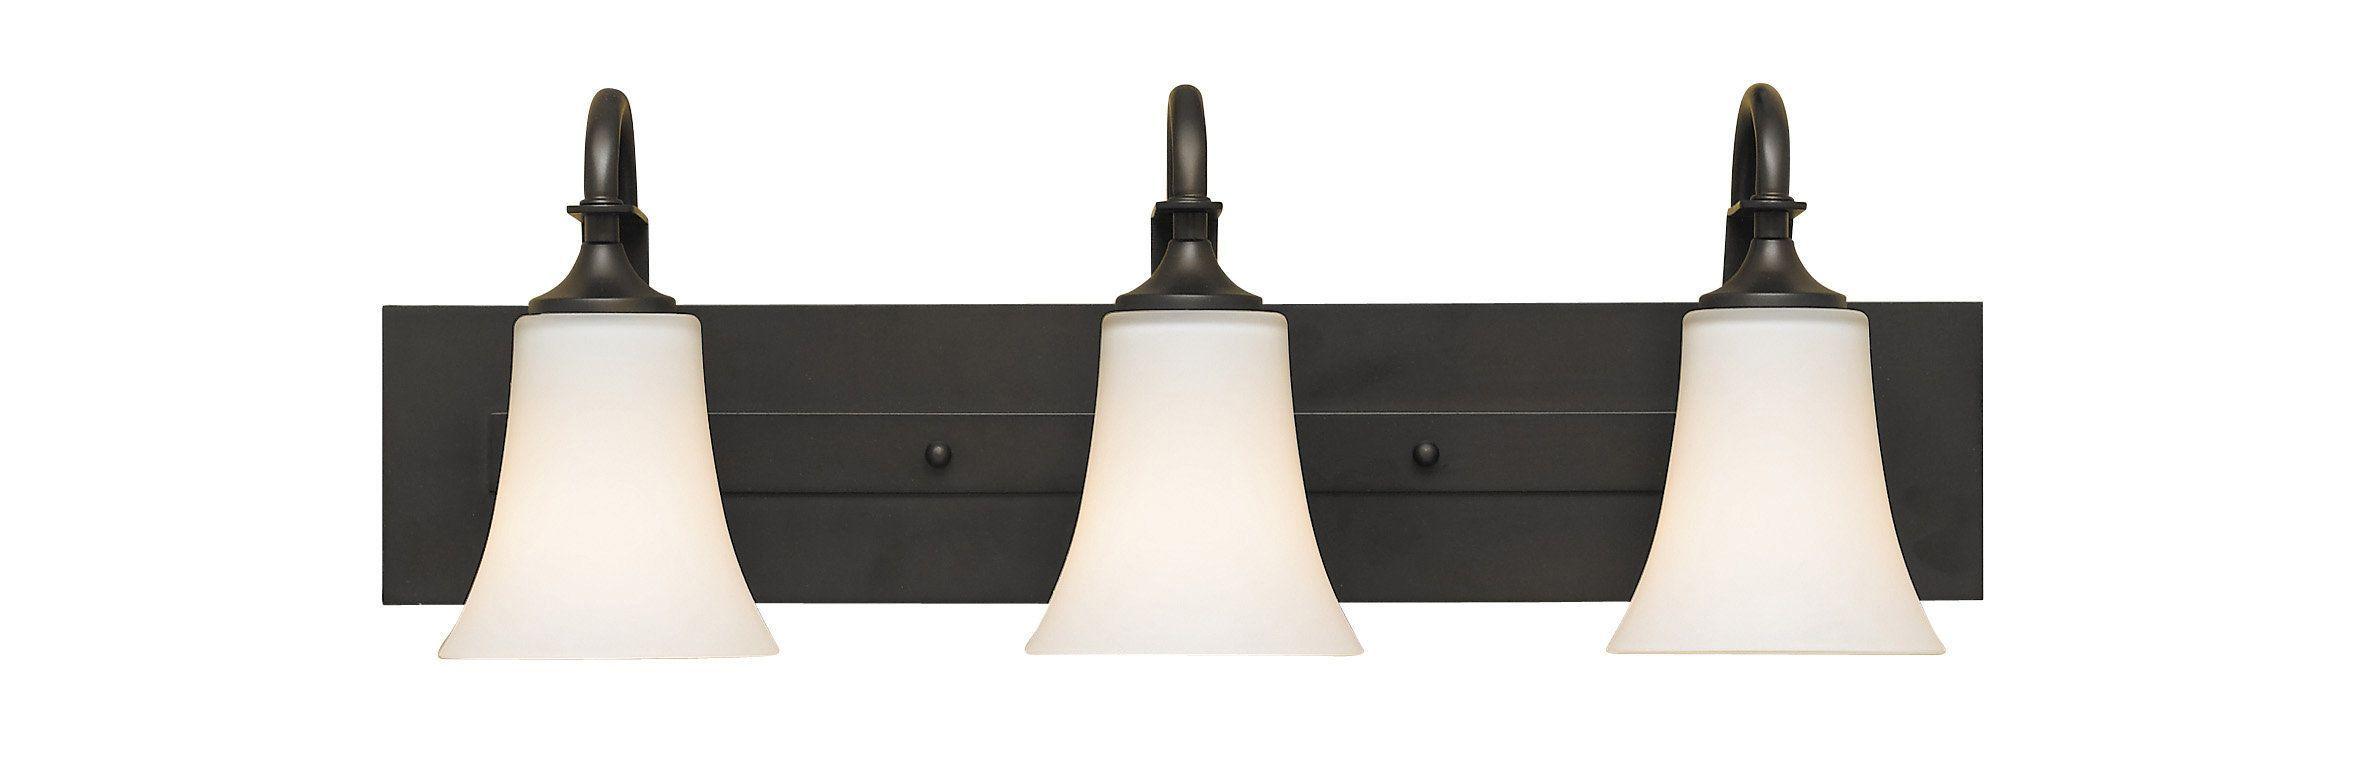 Murray Feiss VS12703 Barrington 3 Light Bathroom Vanity Light